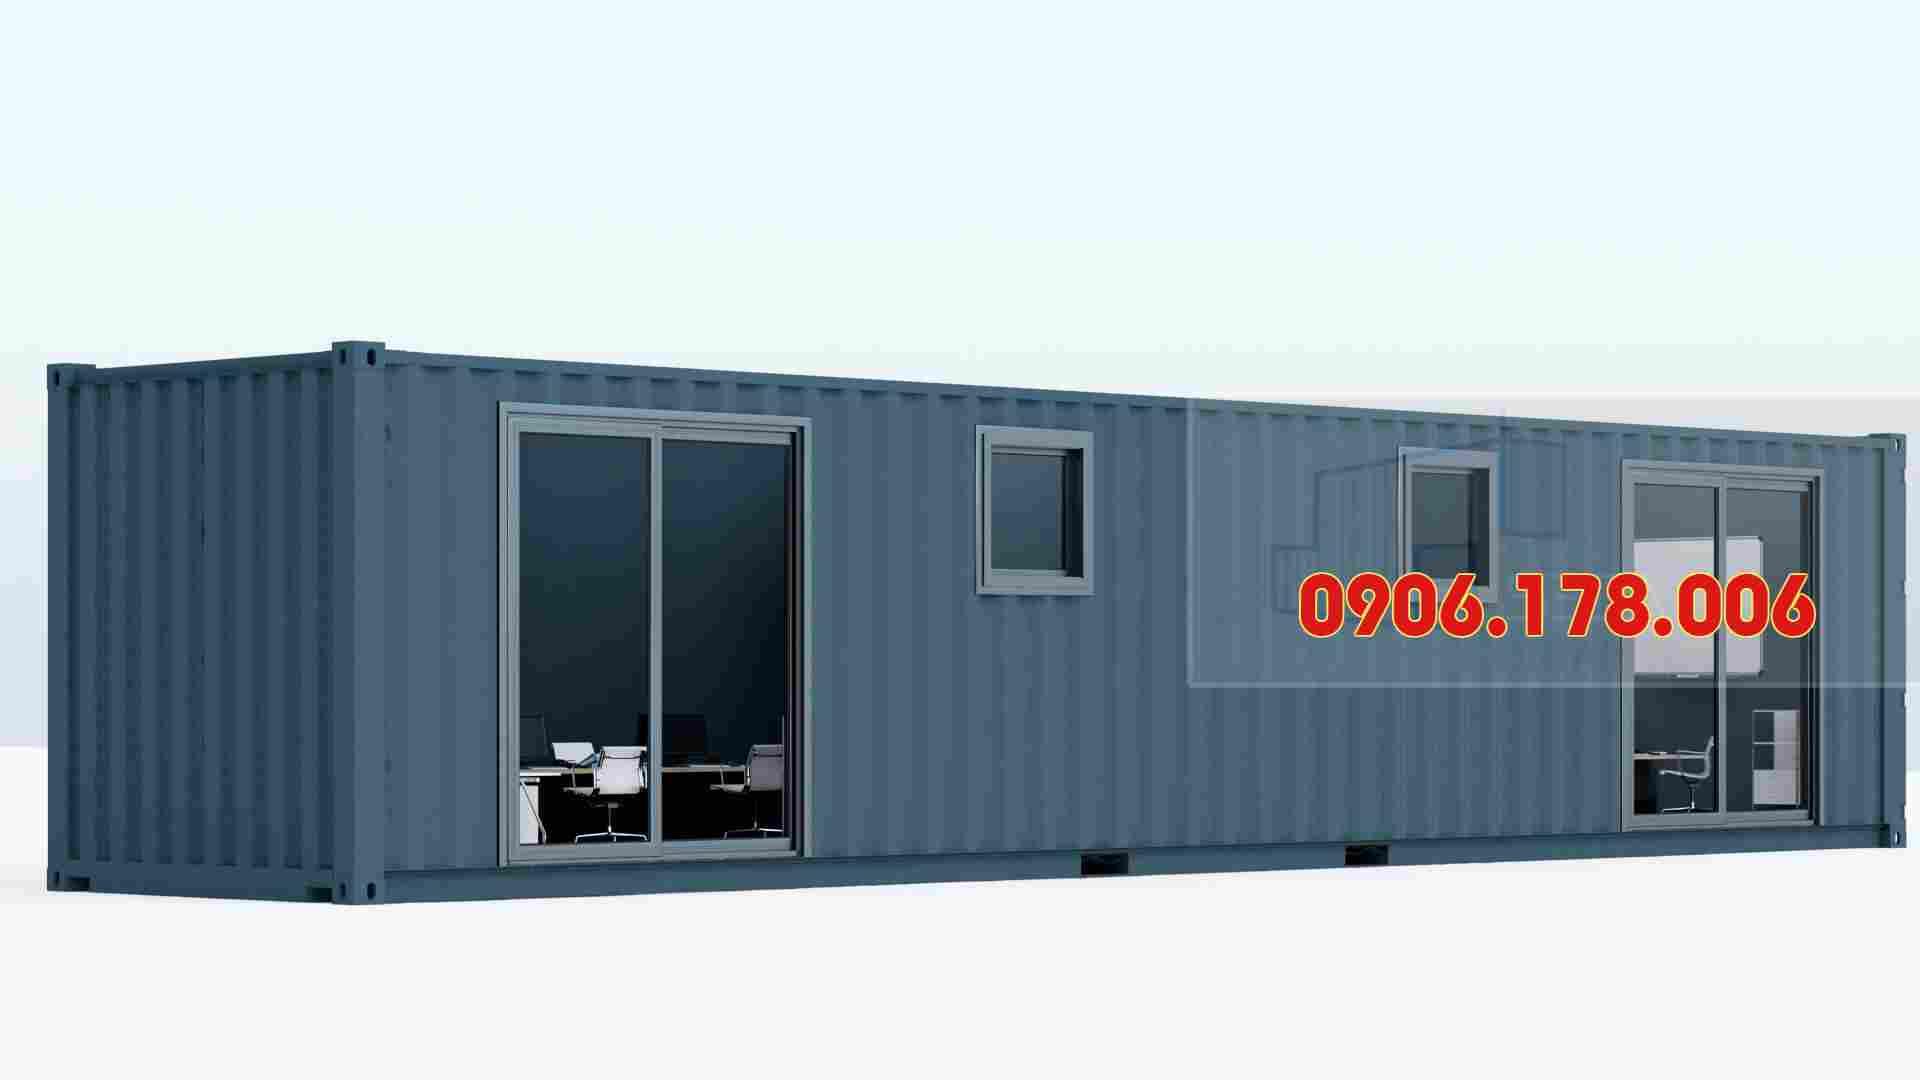 giá thuê container văn phòng